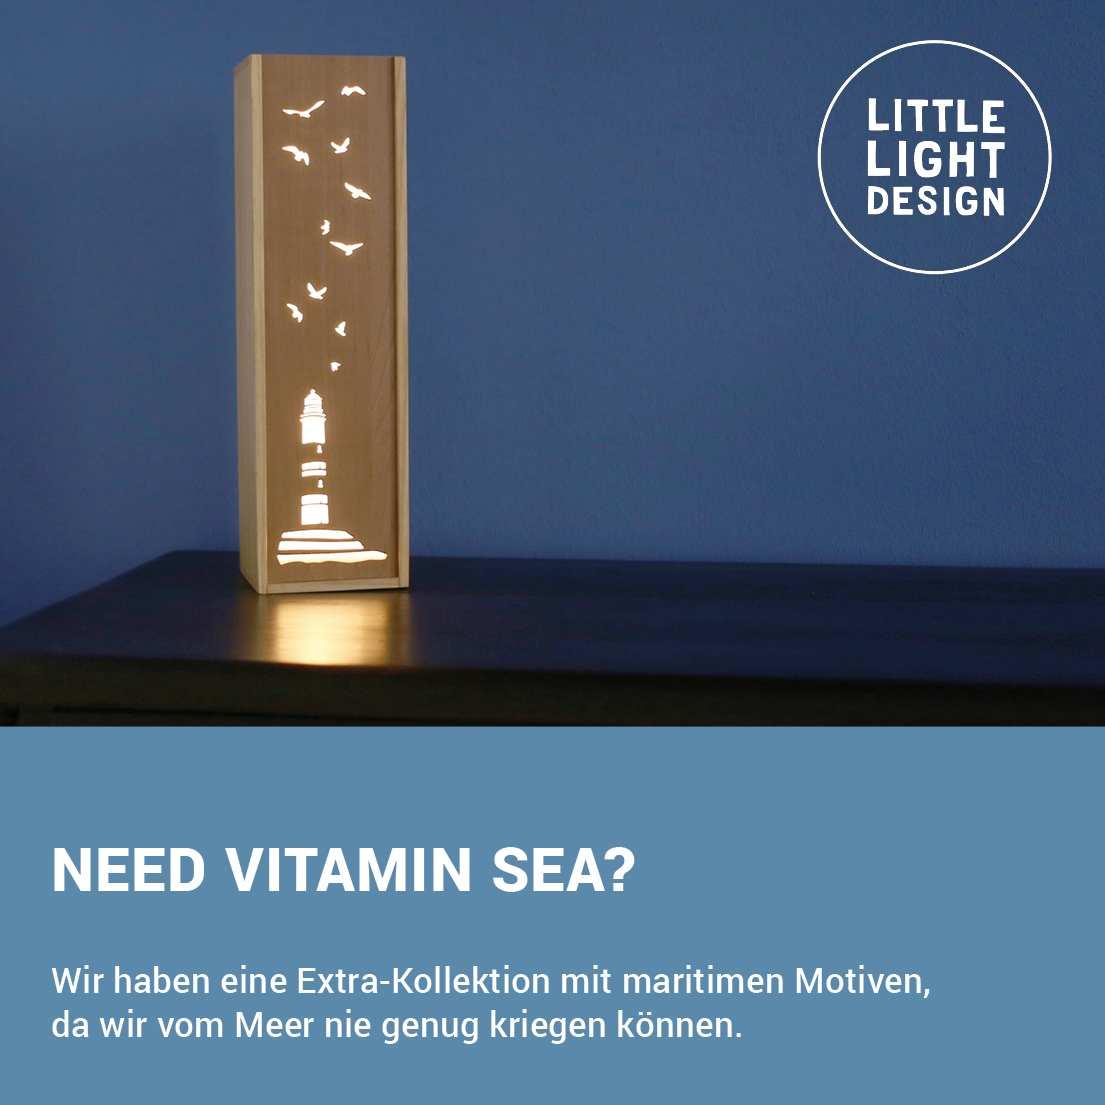 Leuchte Leuchtkasten Design Grafik maritim Leuchtturm